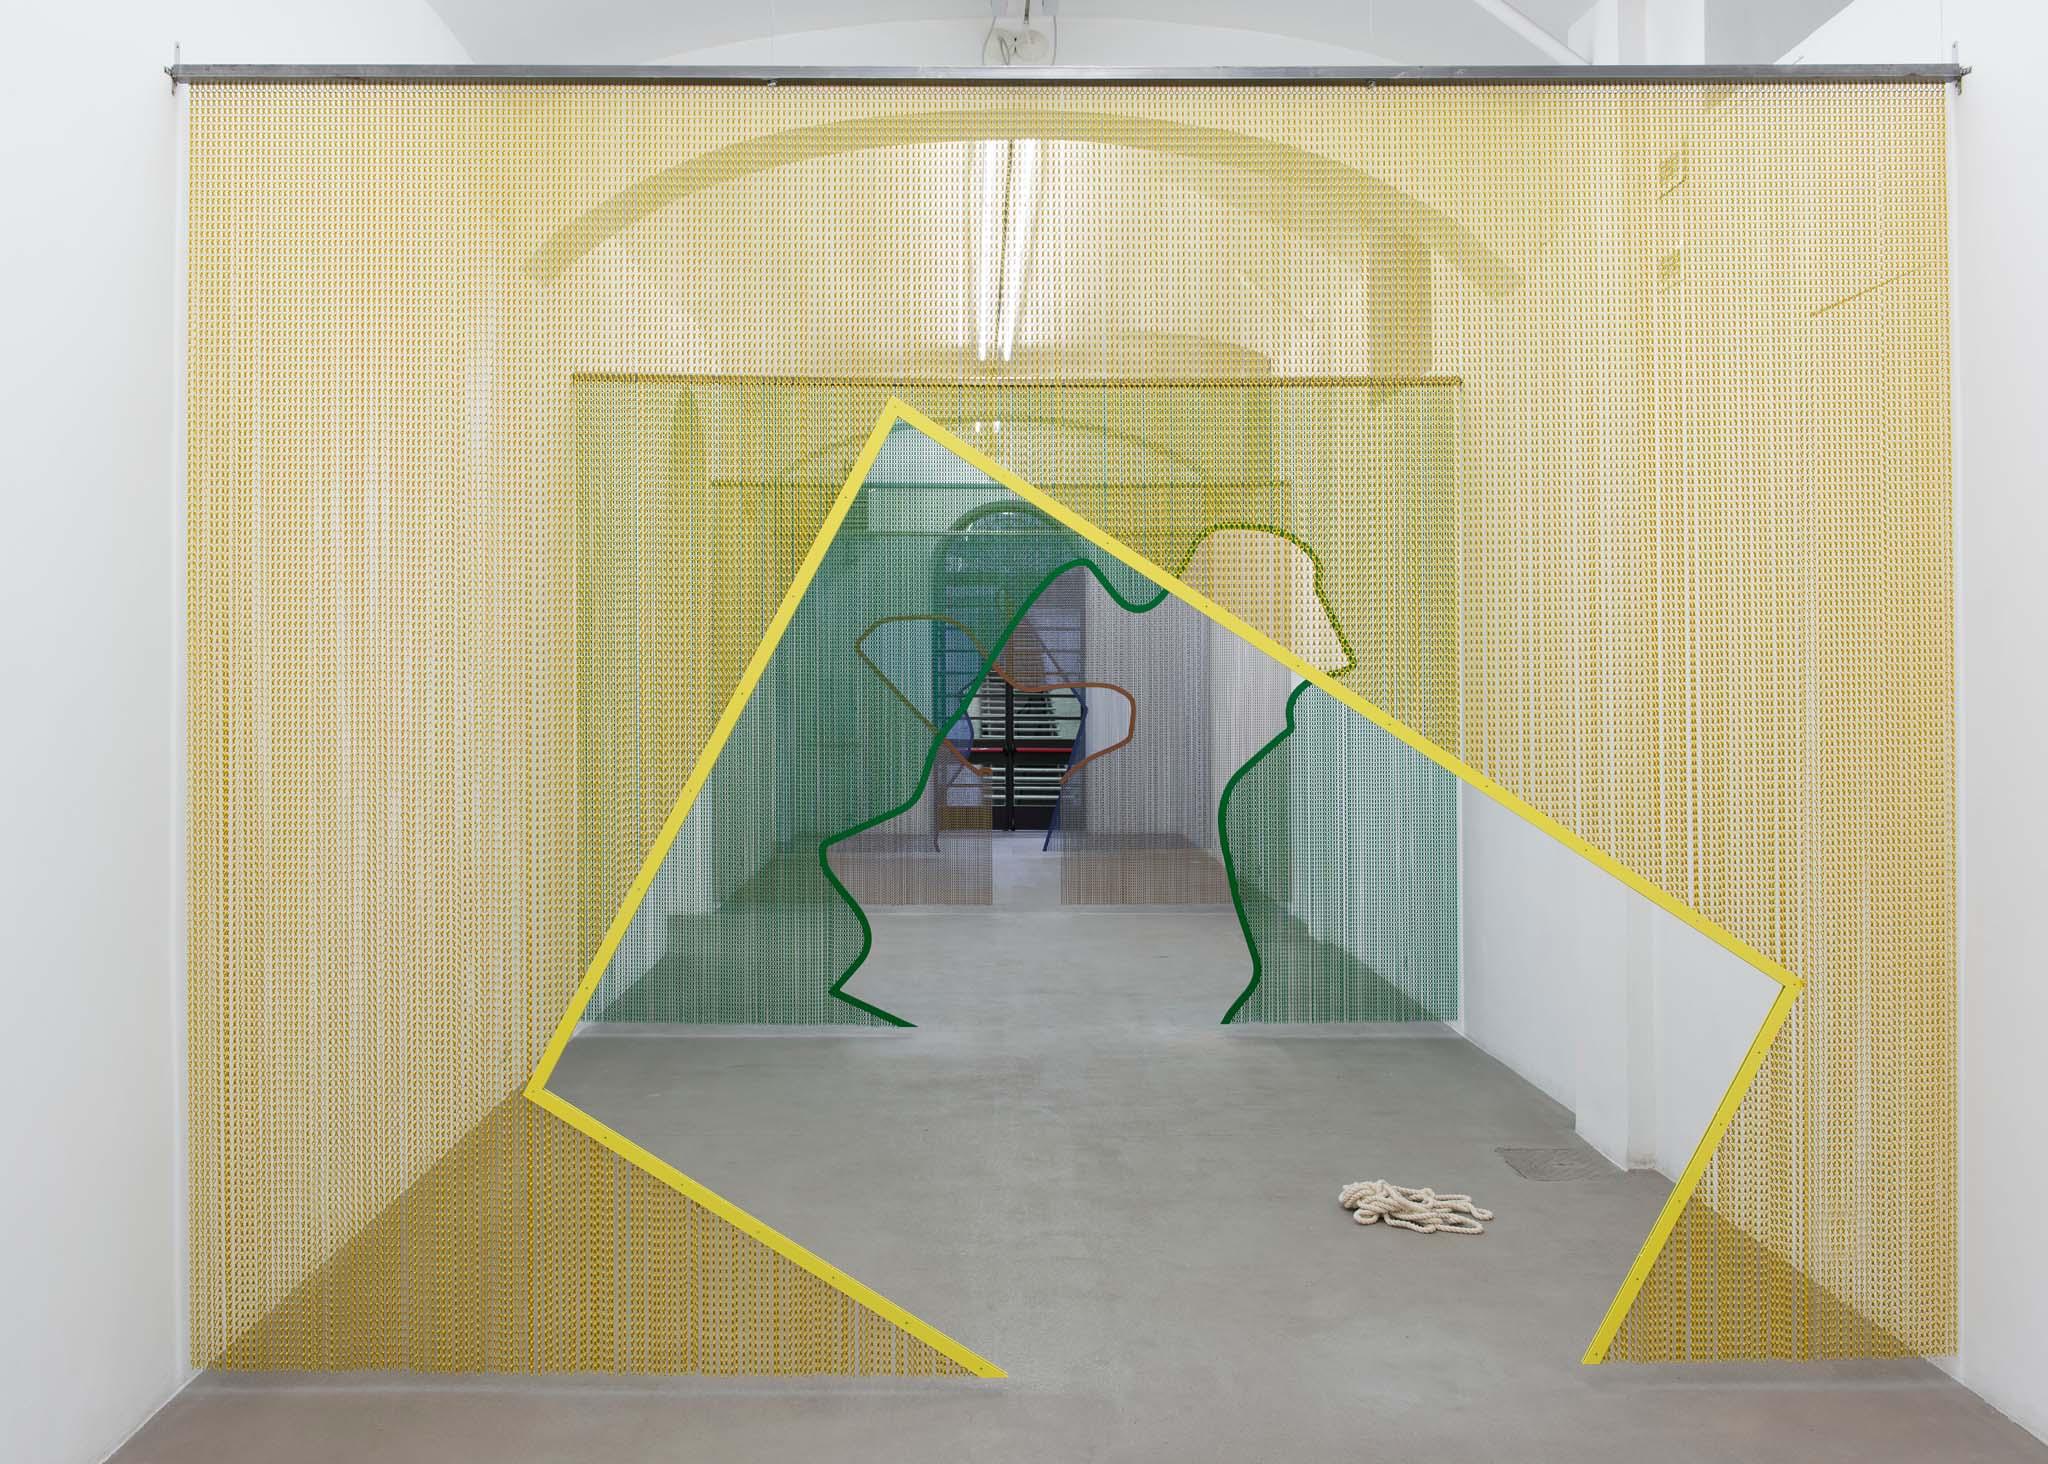 Beauty Codes (order/disorder/chaos) Installation view at Fondazione Giuliani, Rome, 2015,  photo Giorgio Benni